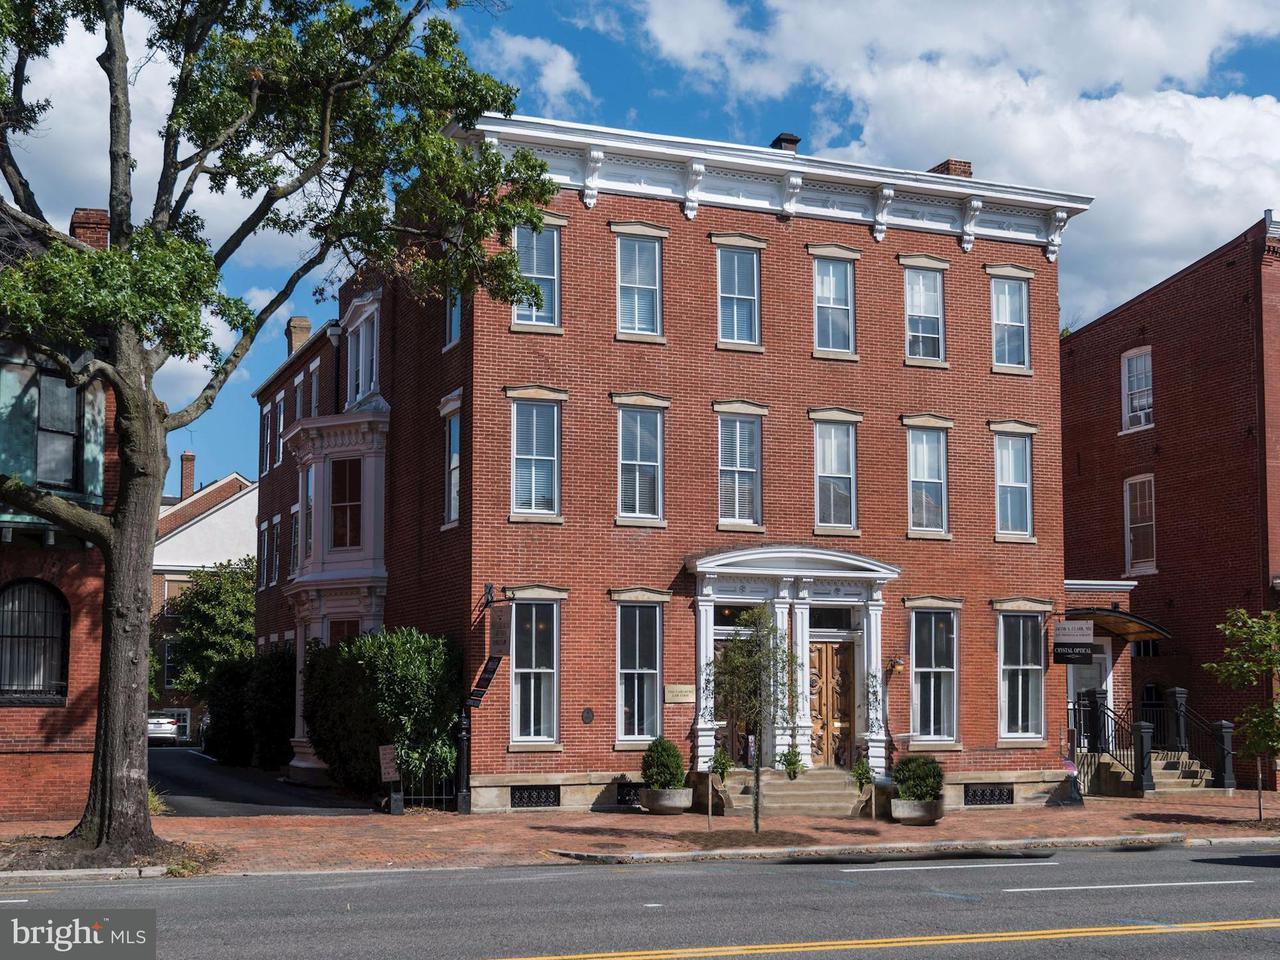 Σπίτι στην πόλη για την Πώληση στο 413 WASHINGTON ST N 413 WASHINGTON ST N Alexandria, Βιρτζινια 22314 Ηνωμενεσ Πολιτειεσ